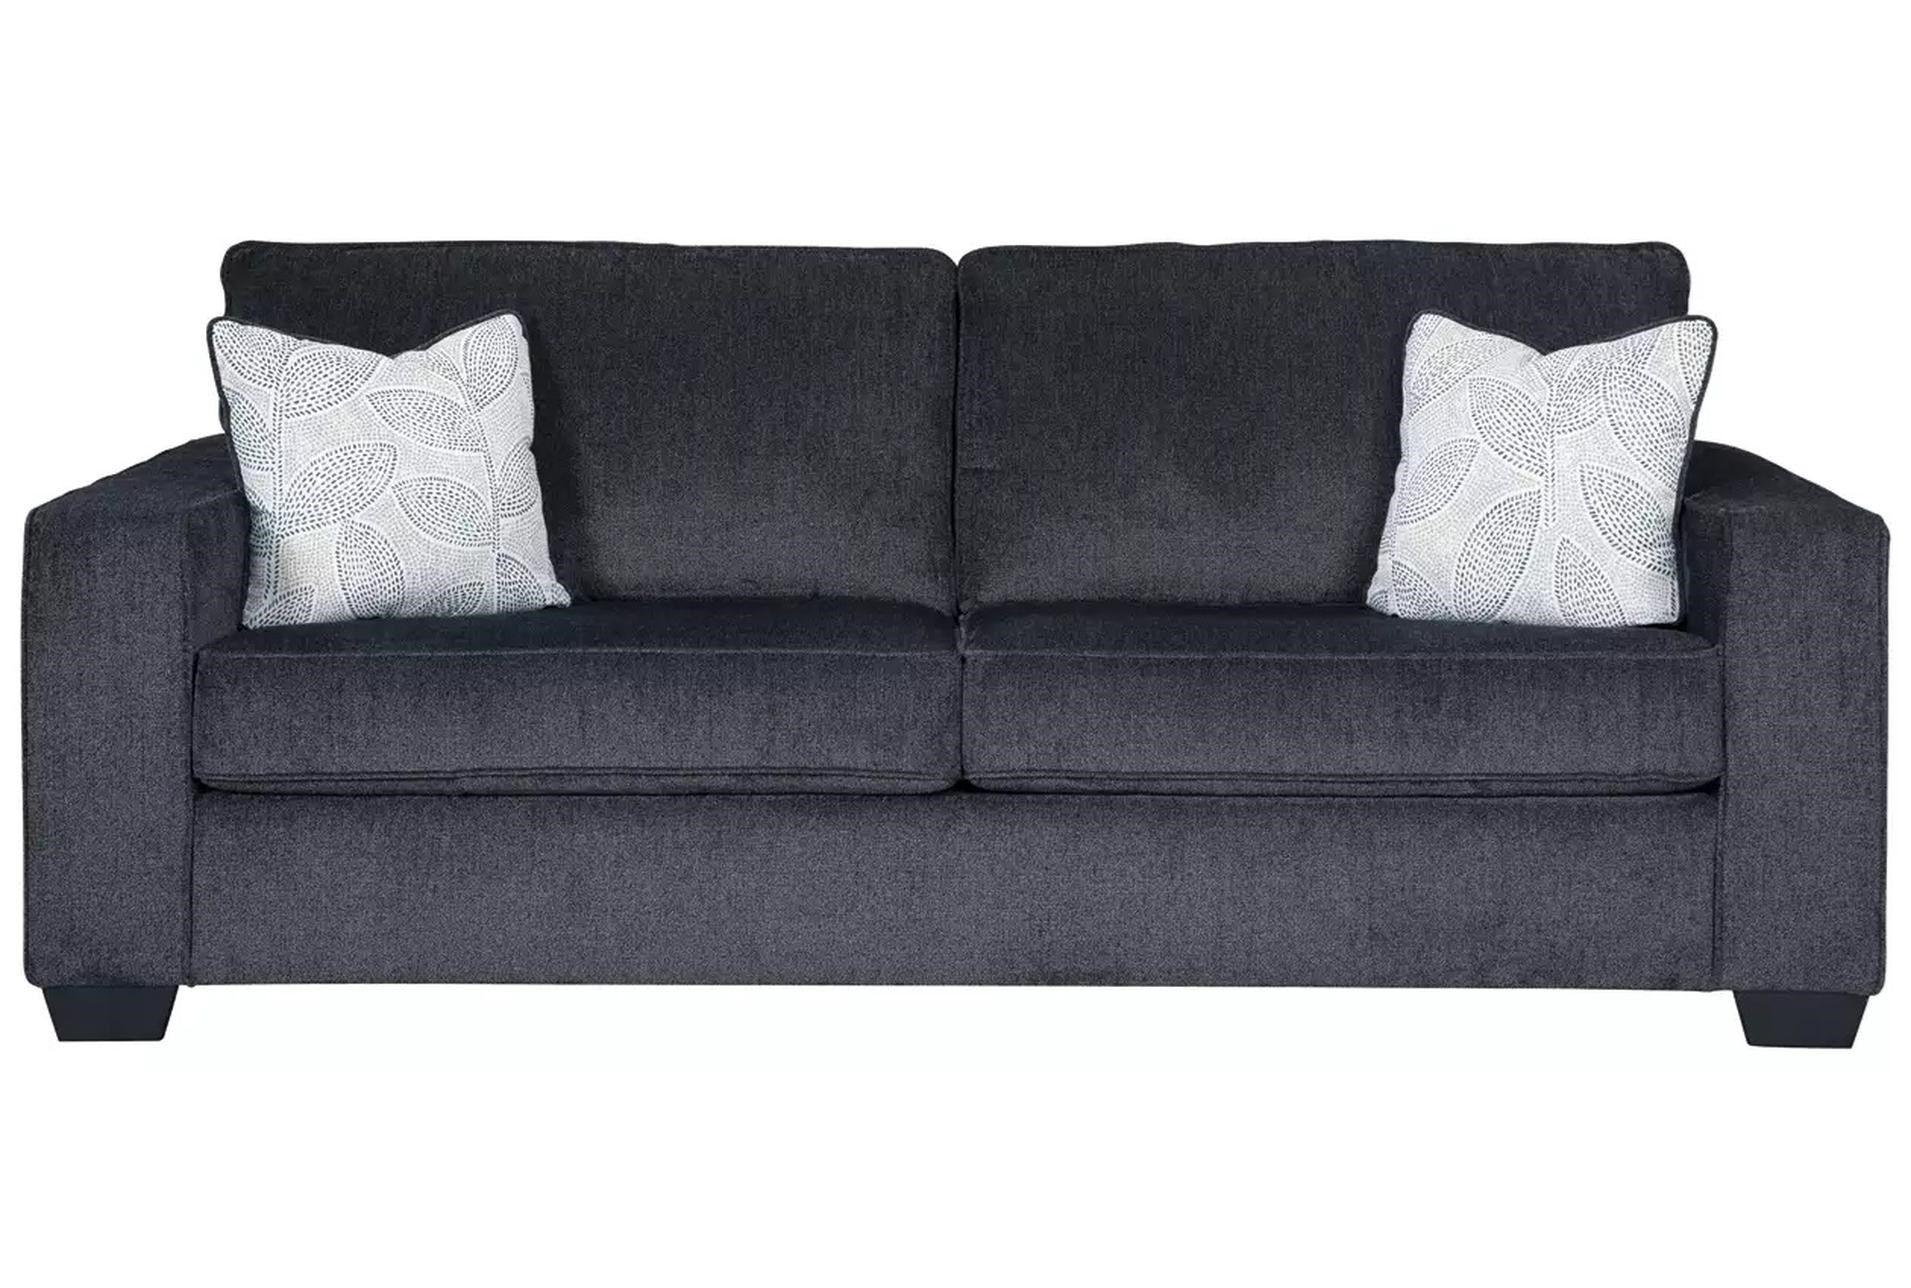 Altari Slate Sofa In 2020 Queen Sofa Sleeper Slate Sofa Ashley Furniture